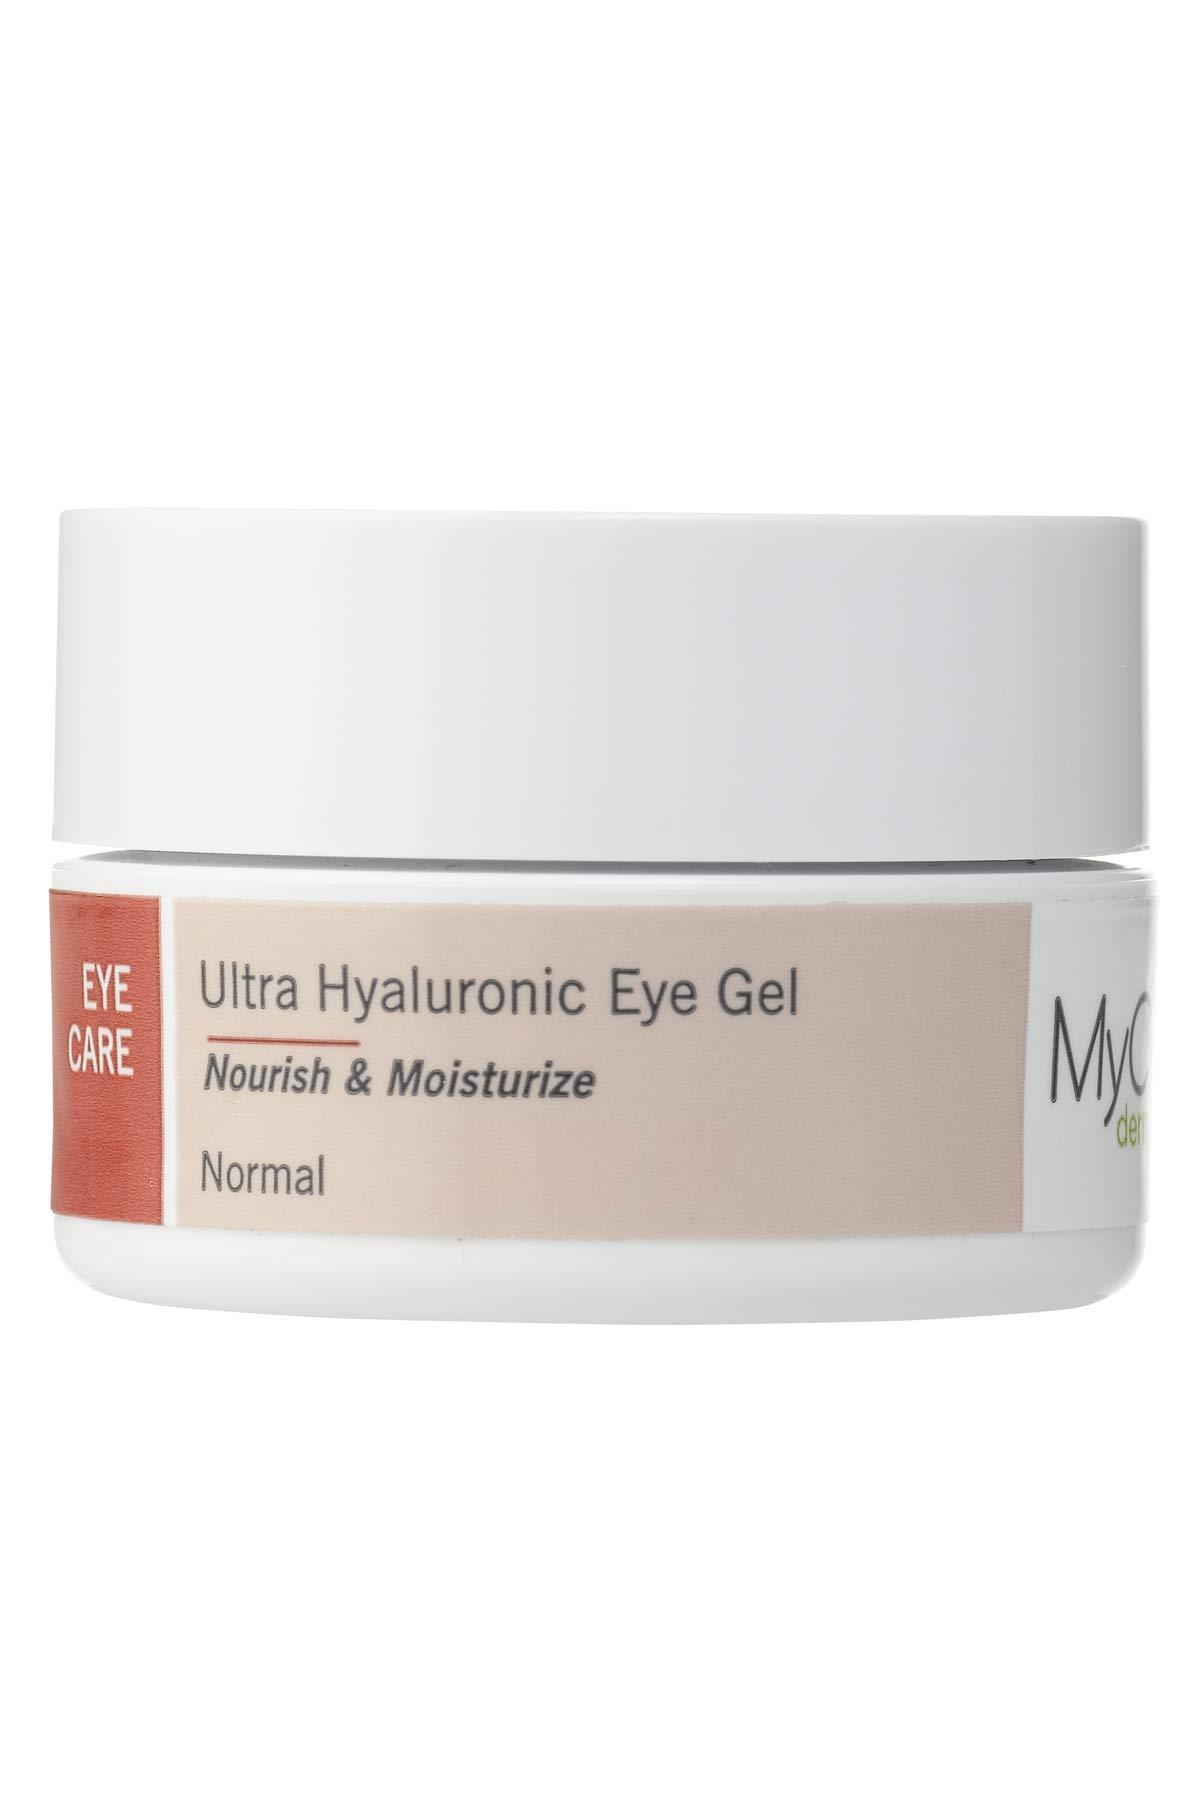 Mychelle Dermaceuticals Ultra Hyaluronic Eye Gel, 0.45 Fluid Ounce by MyChelle Dermaceuticals